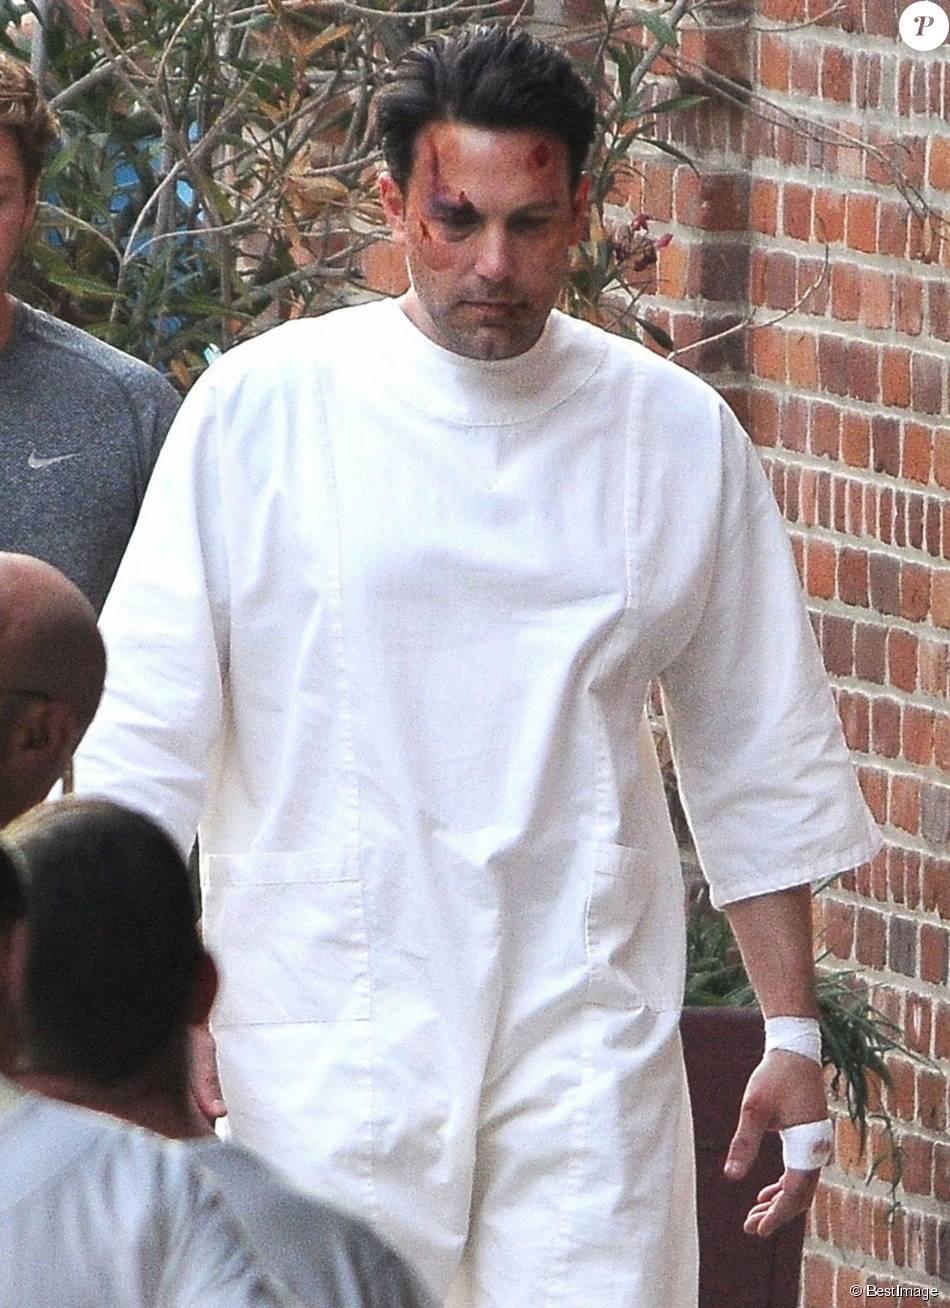 Ben Affleck, le visage en sang, sur le tournage de 'Live By Night' à Los Angeles, le 8 décembre 2015